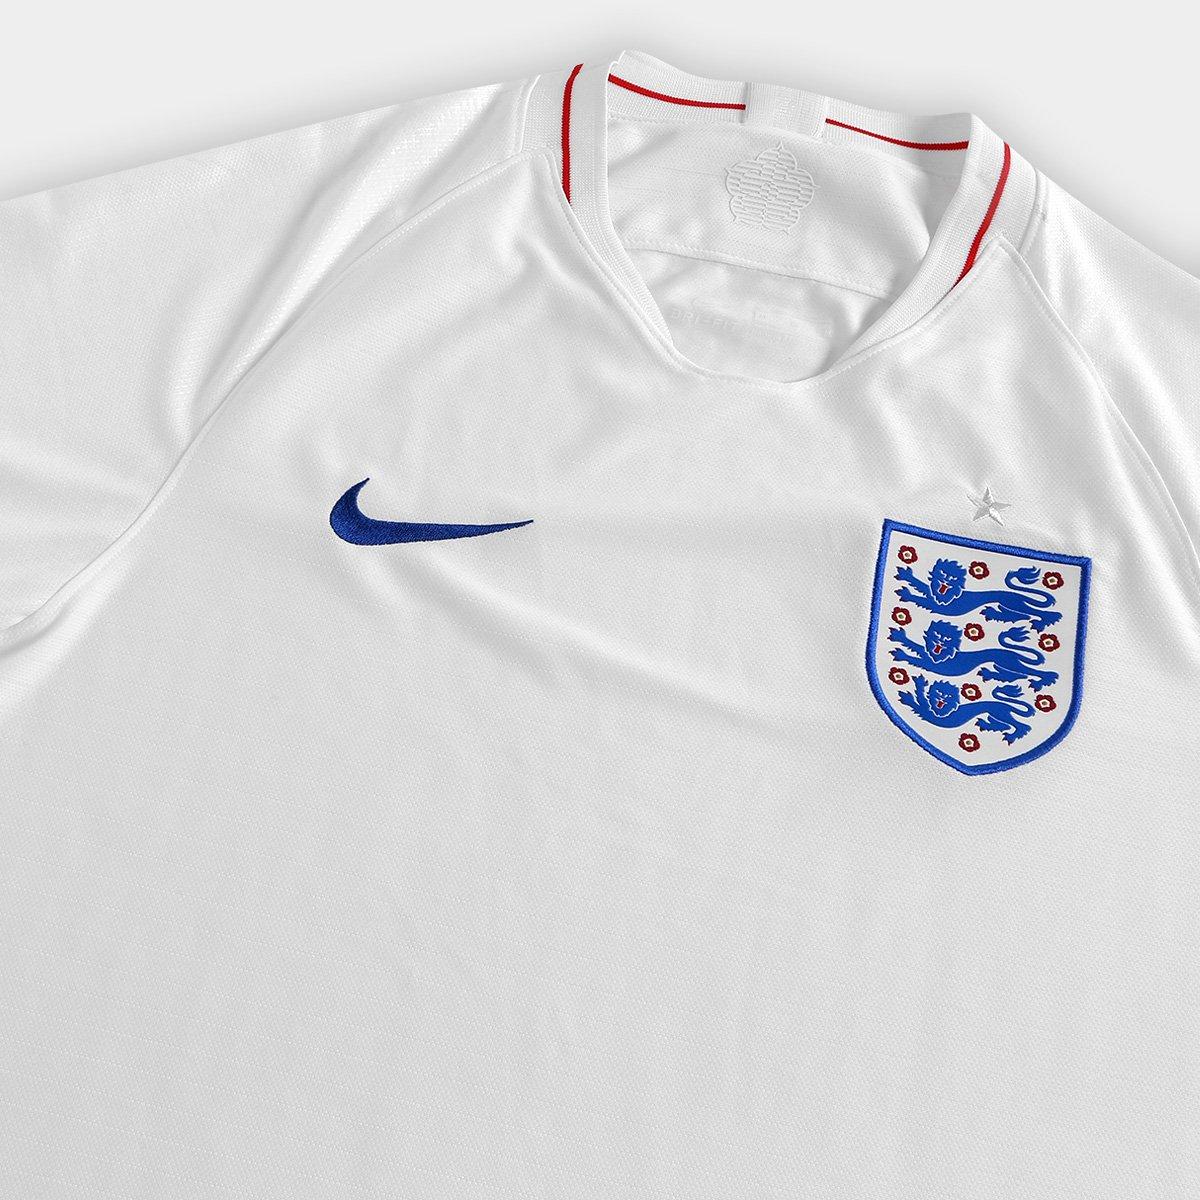 1d3156fdc3 Camisa Seleção Inglaterra Home 2018 s n° Torcedor Nike Masculina ...